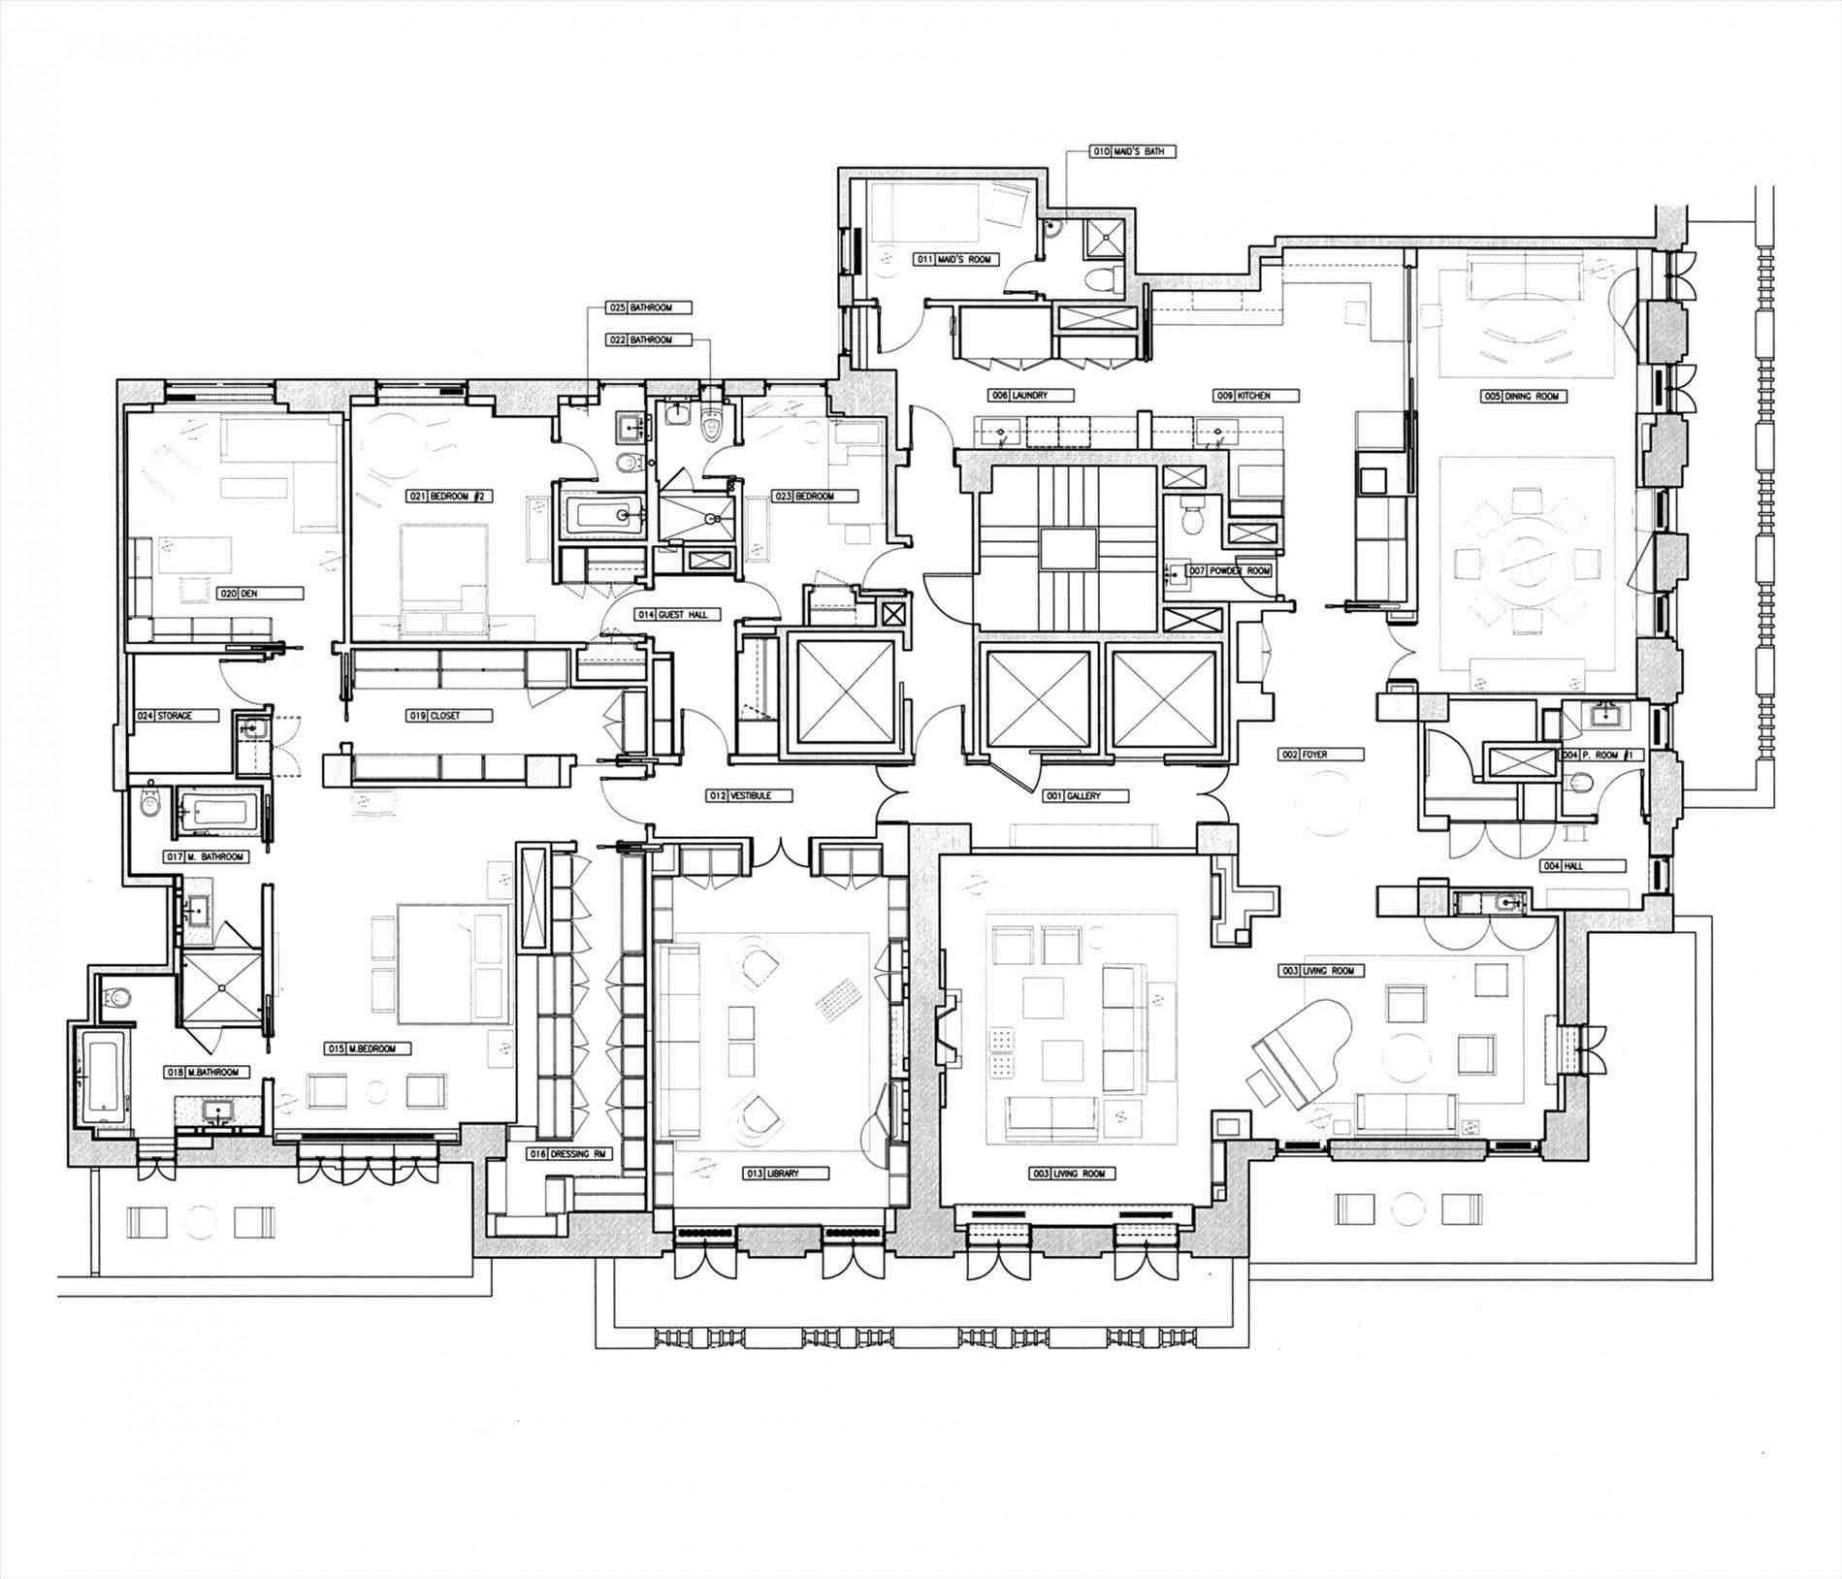 Apartment Architecture Design Plans - apartment studio architect  - Apartment Architecture Design Plans